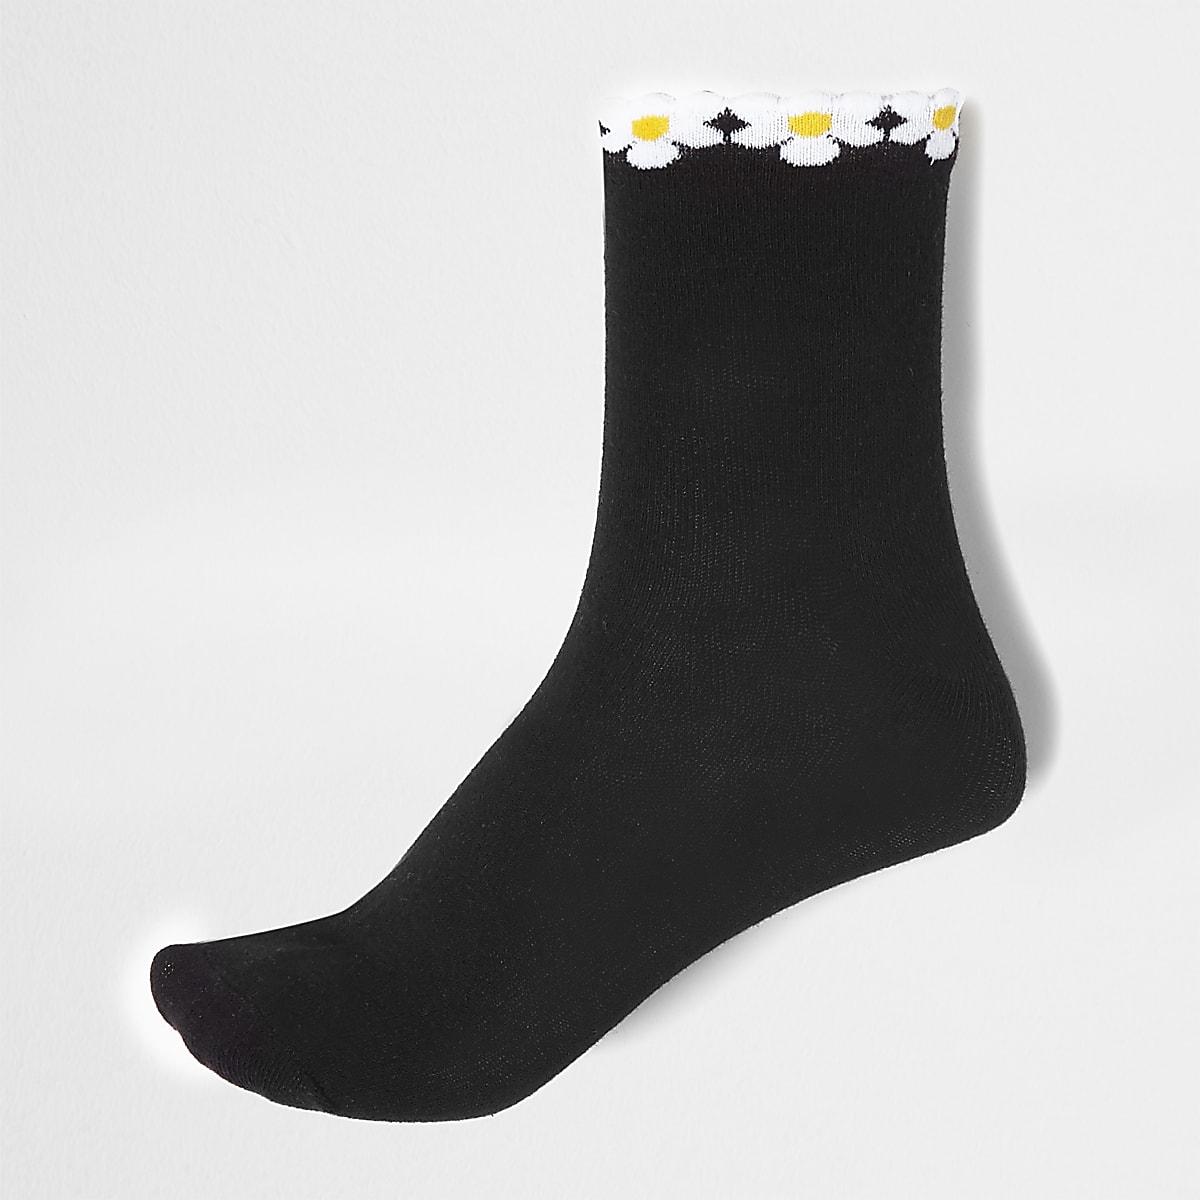 Socquettes noires motif pâquerettes à l'ourlet